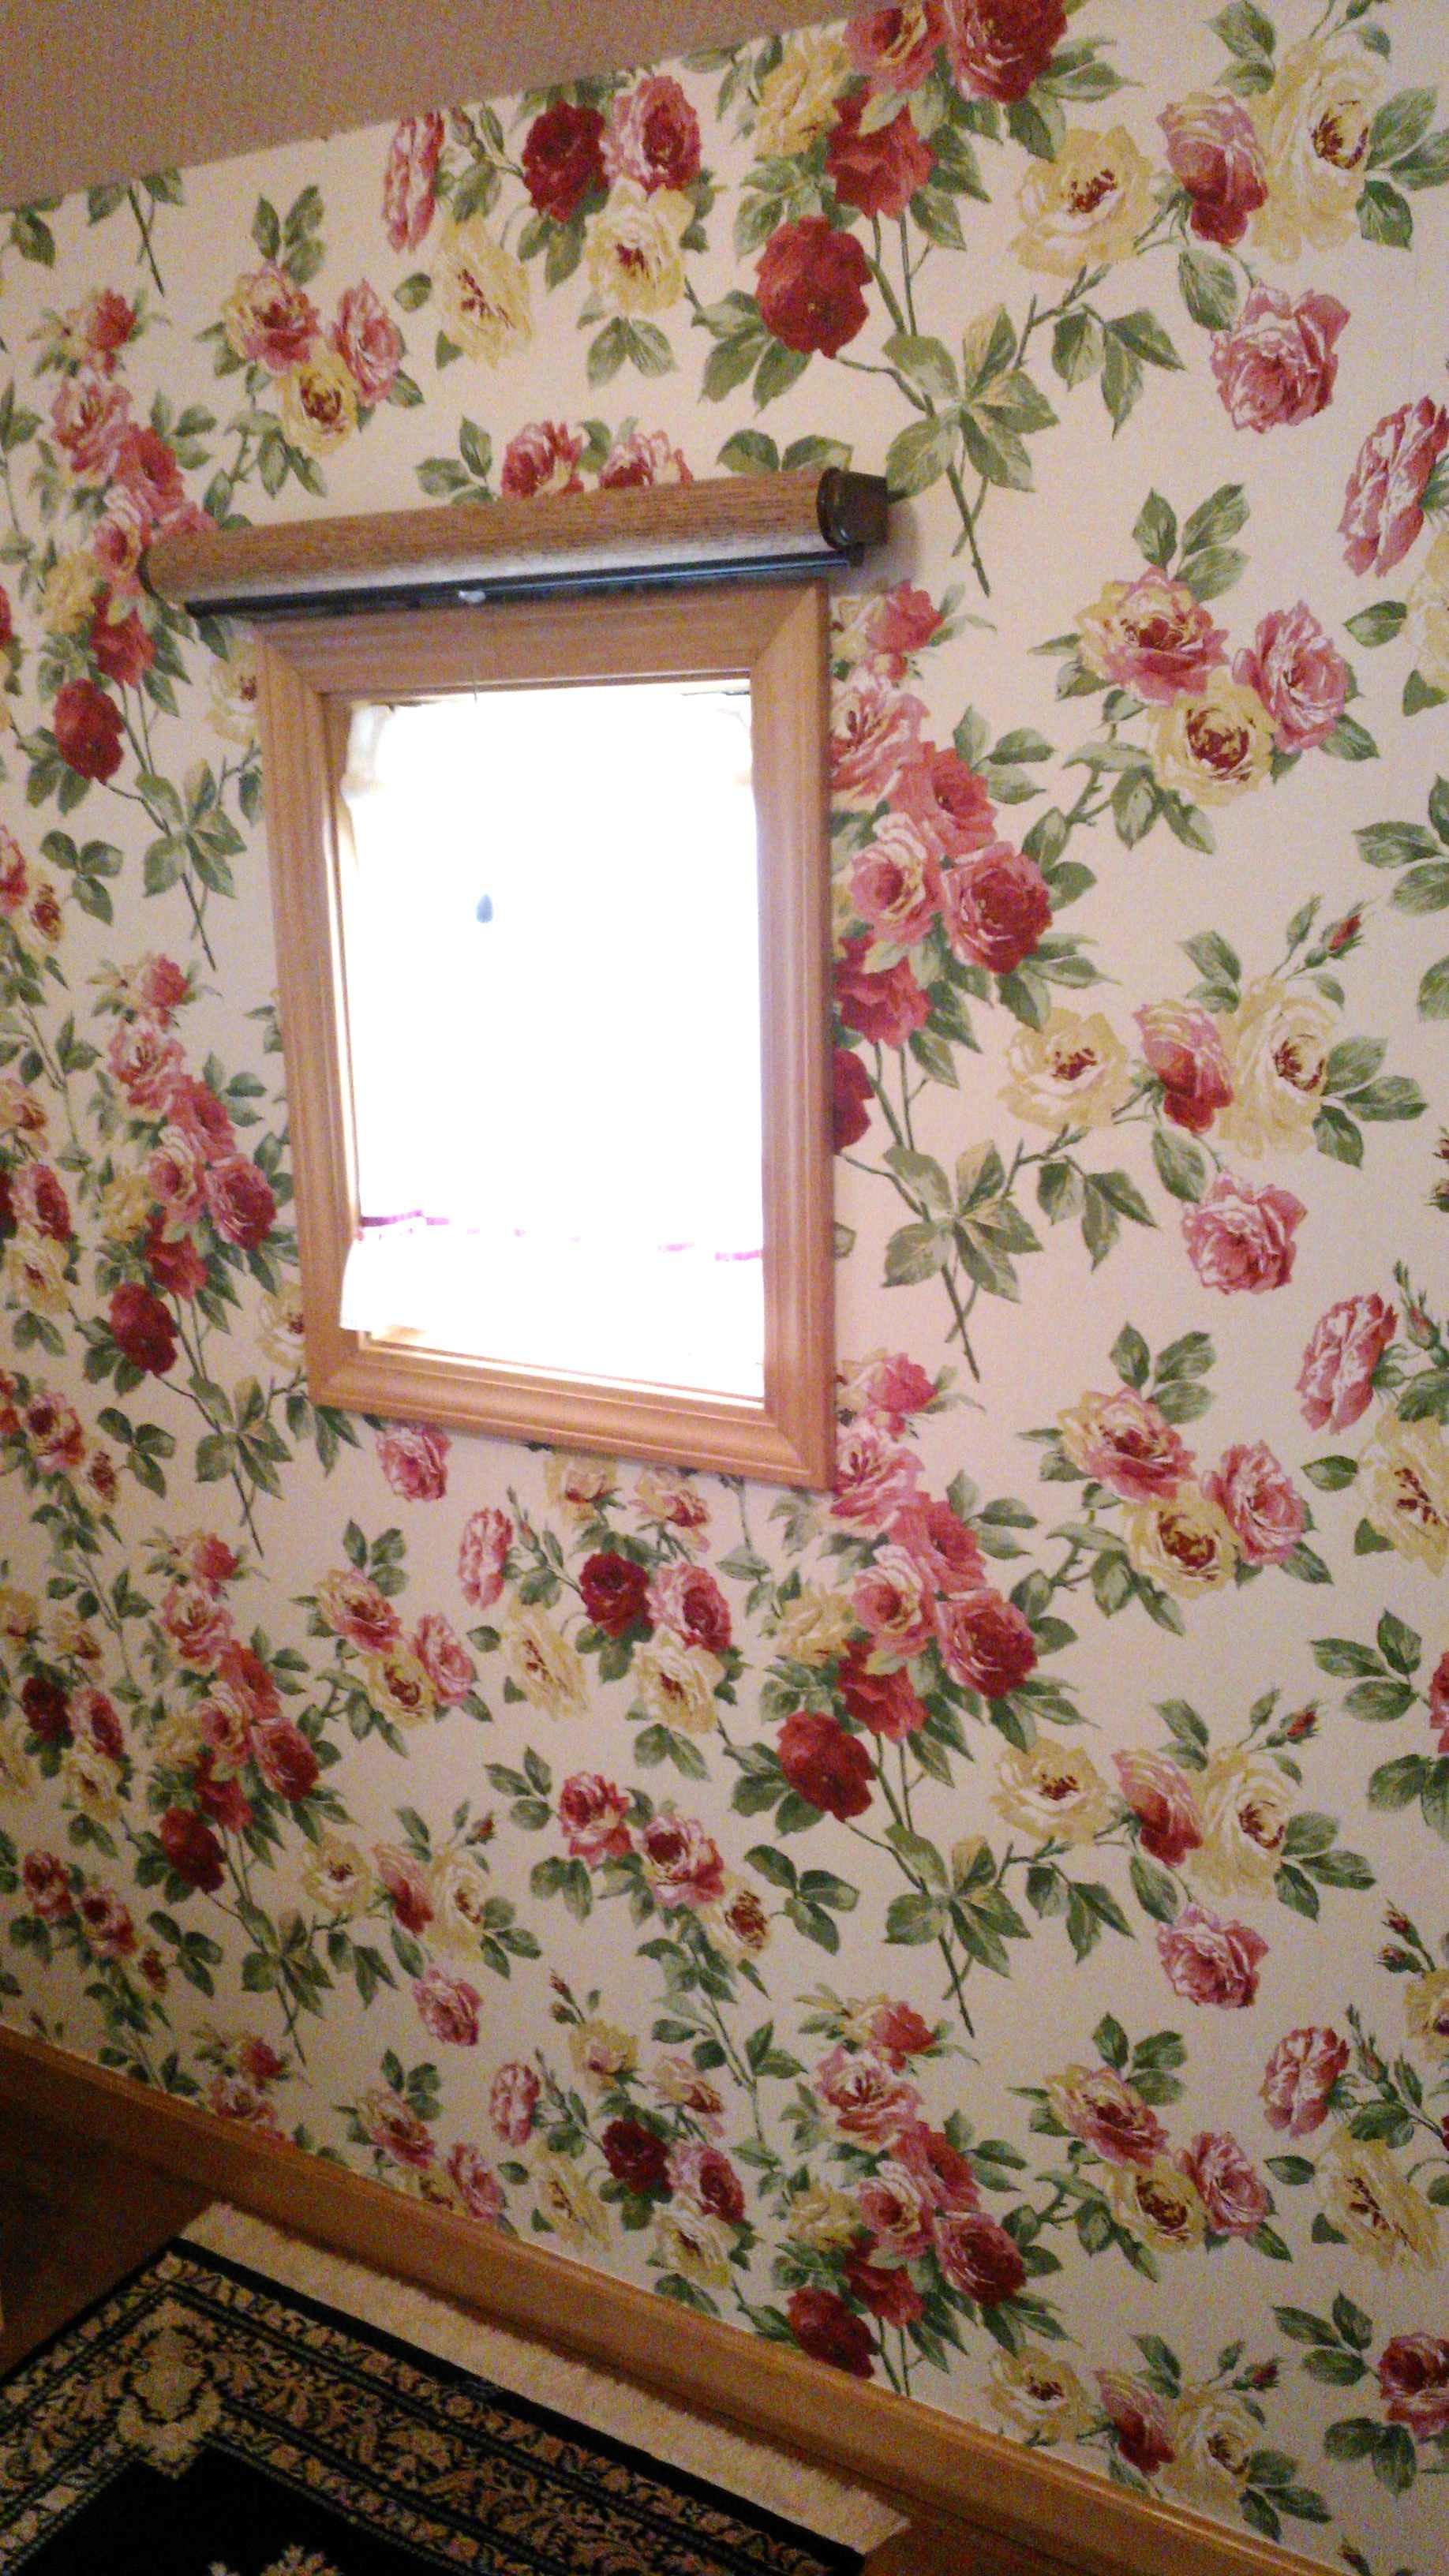 壁紙張り替え 『サンダーソン』_c0157866_18050309.jpg